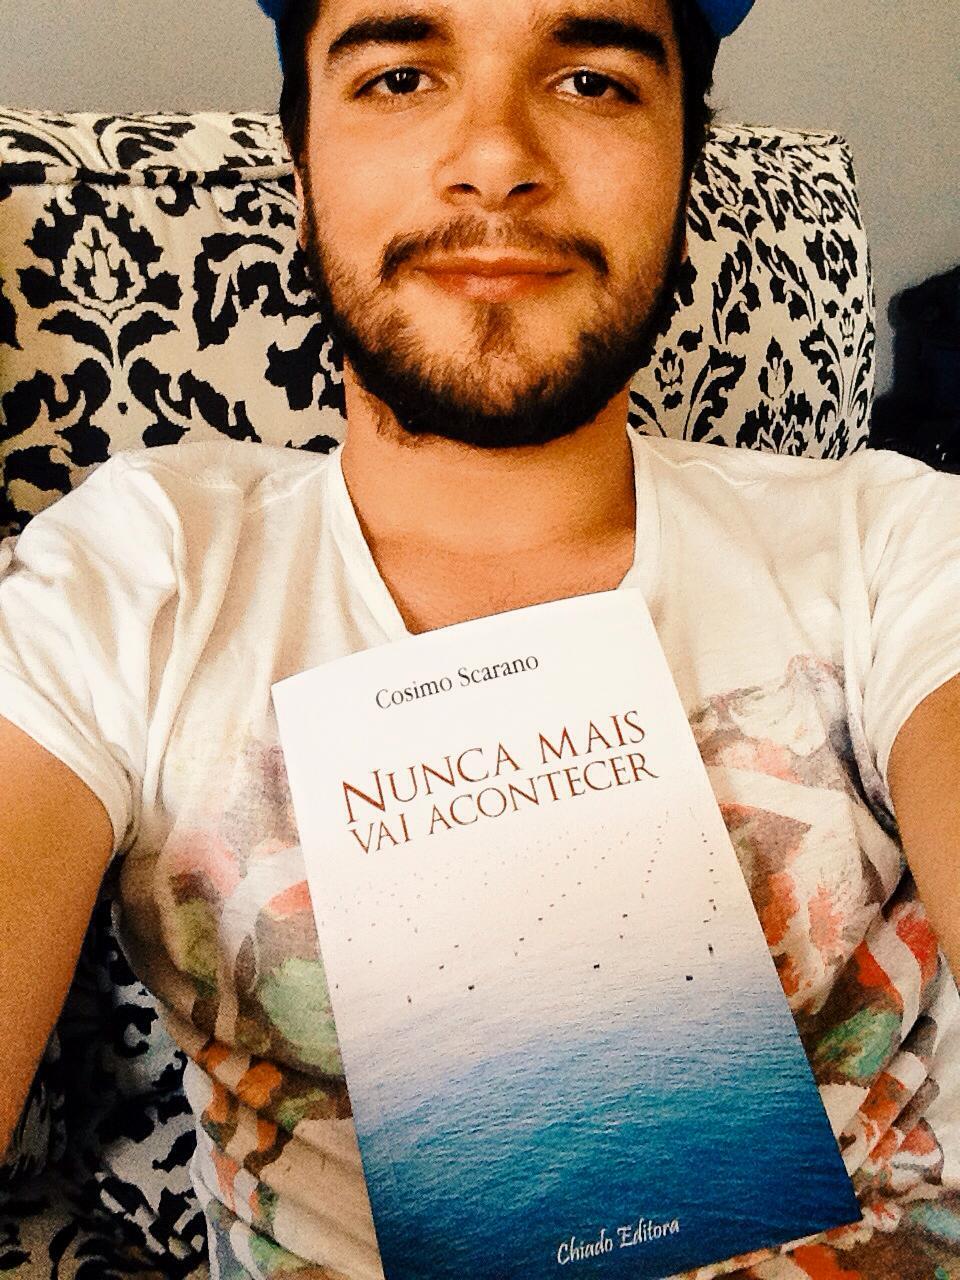 volontariato-in-brasile-intervista-a-cosimo-scarano-1